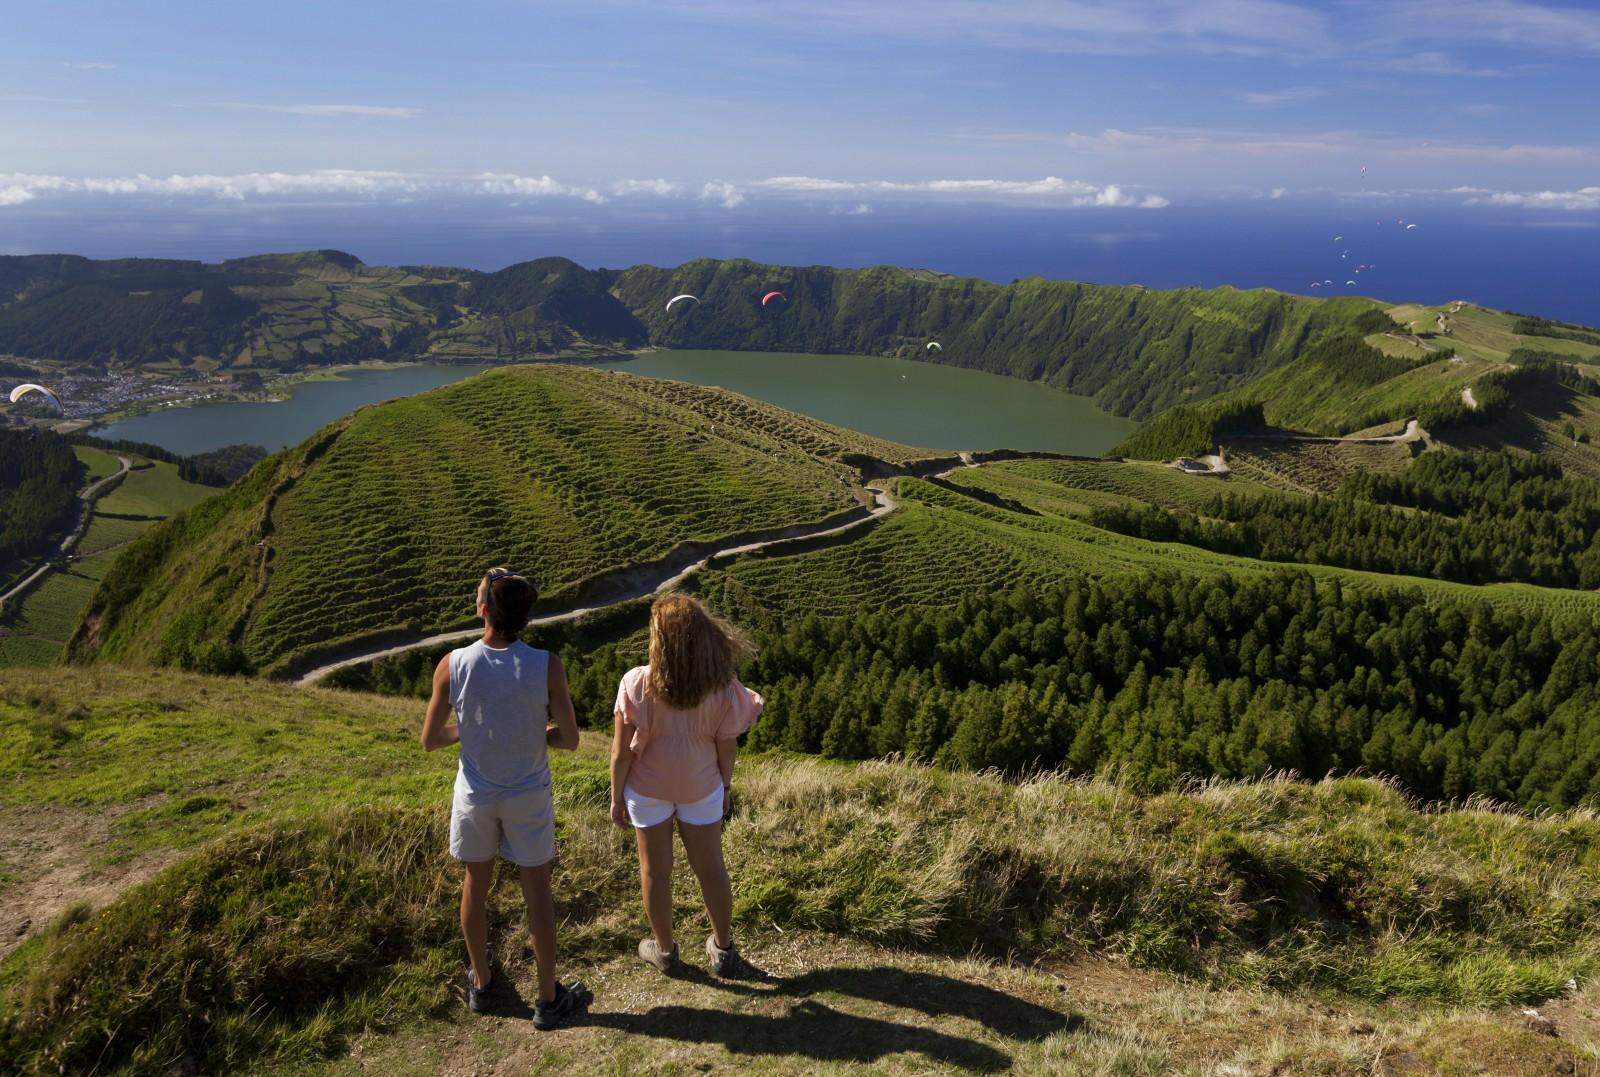 Sete Cidades-the Azores